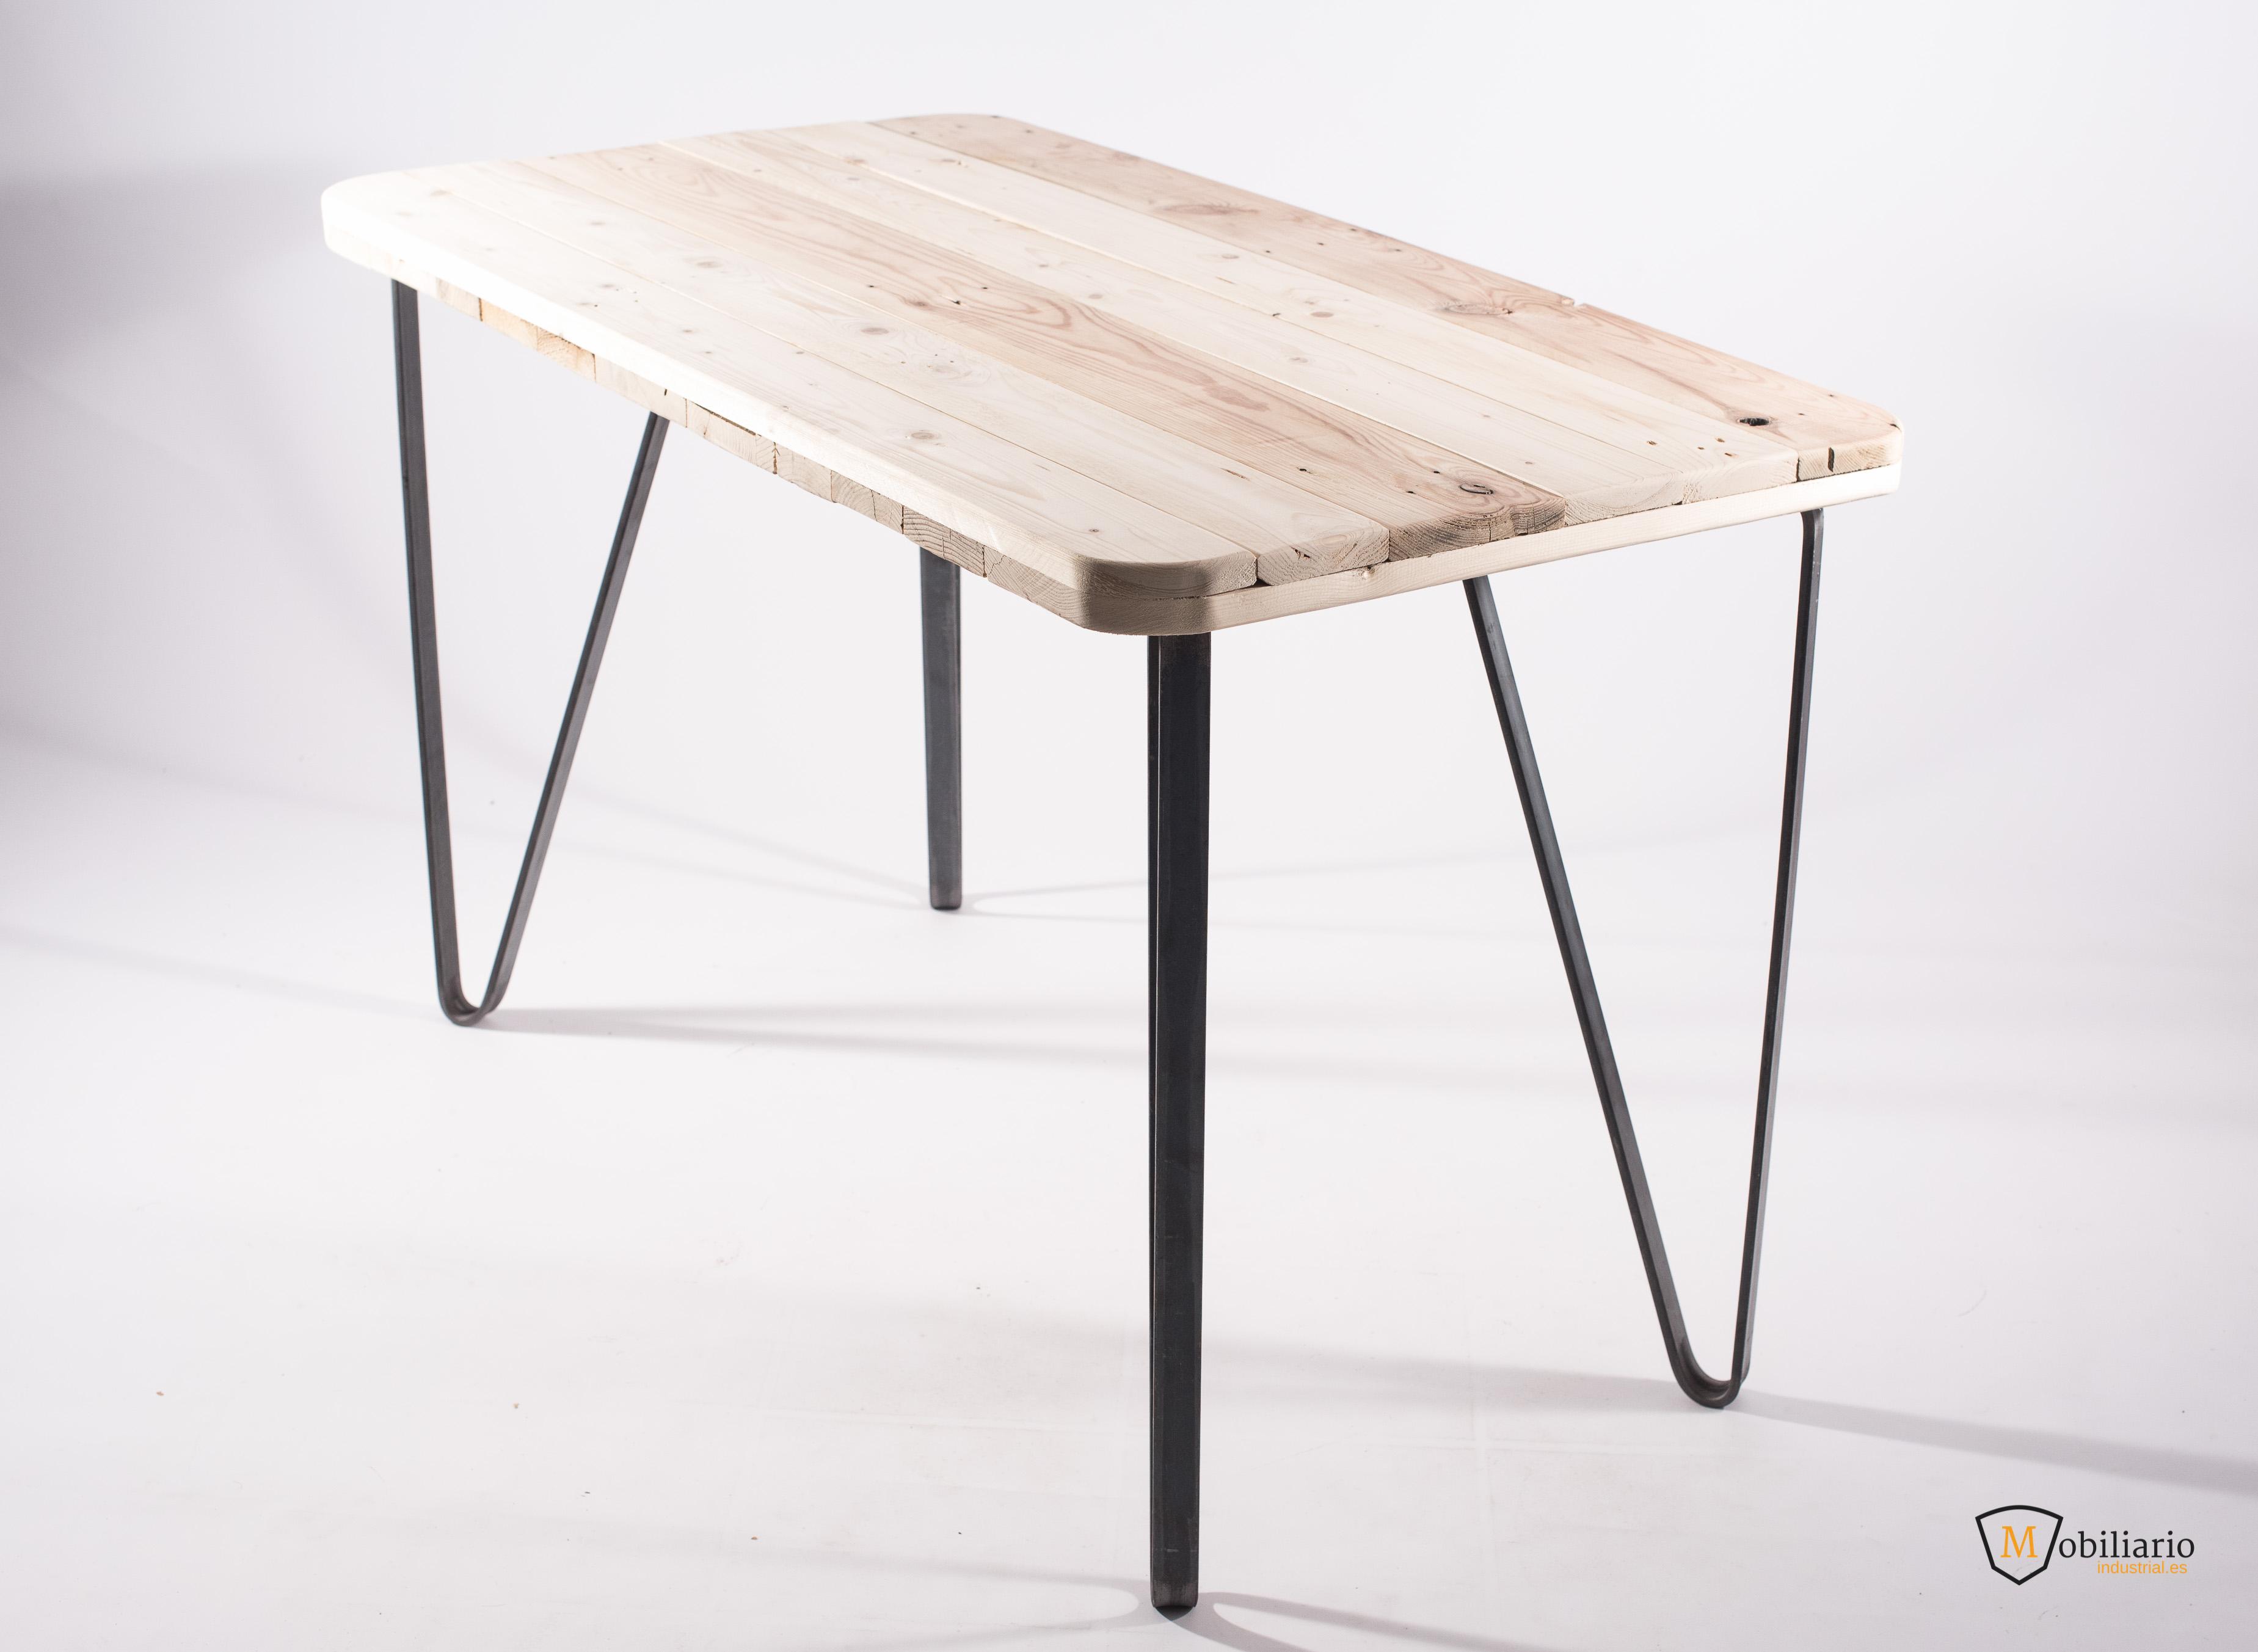 Cómo fabricar una mesa de Estilo Industrial por menos de 150 €?